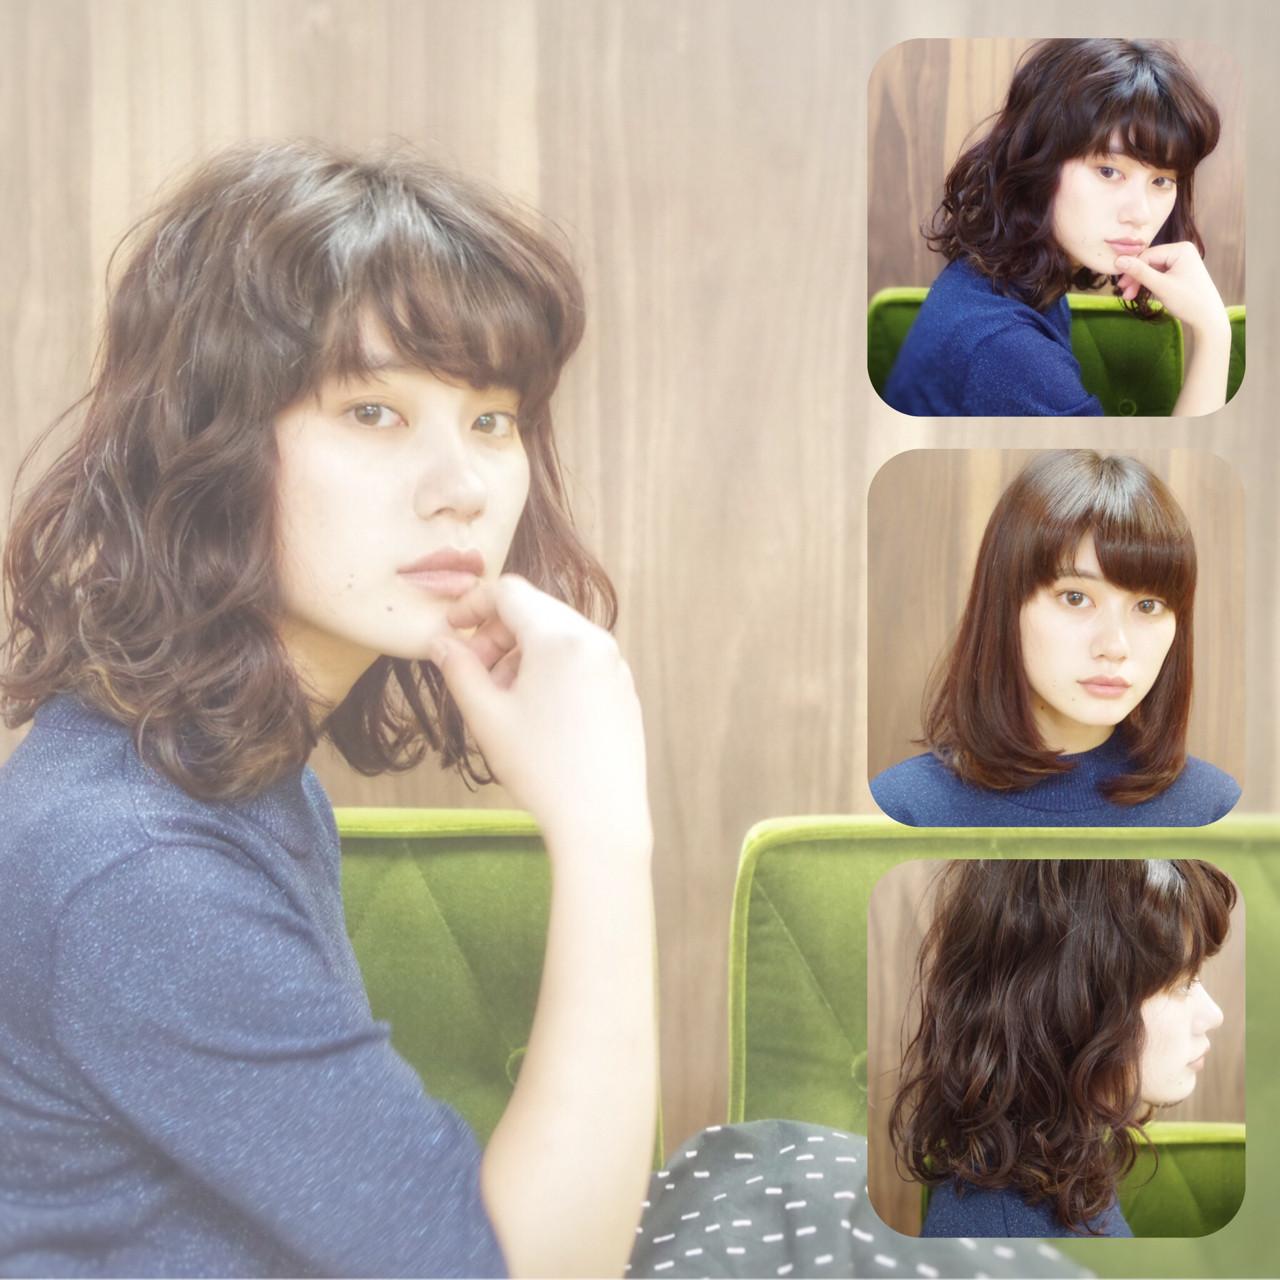 ワイドバング 黒髪 前髪あり ナチュラル ヘアスタイルや髪型の写真・画像 | 山本悠平 / hair salon nano